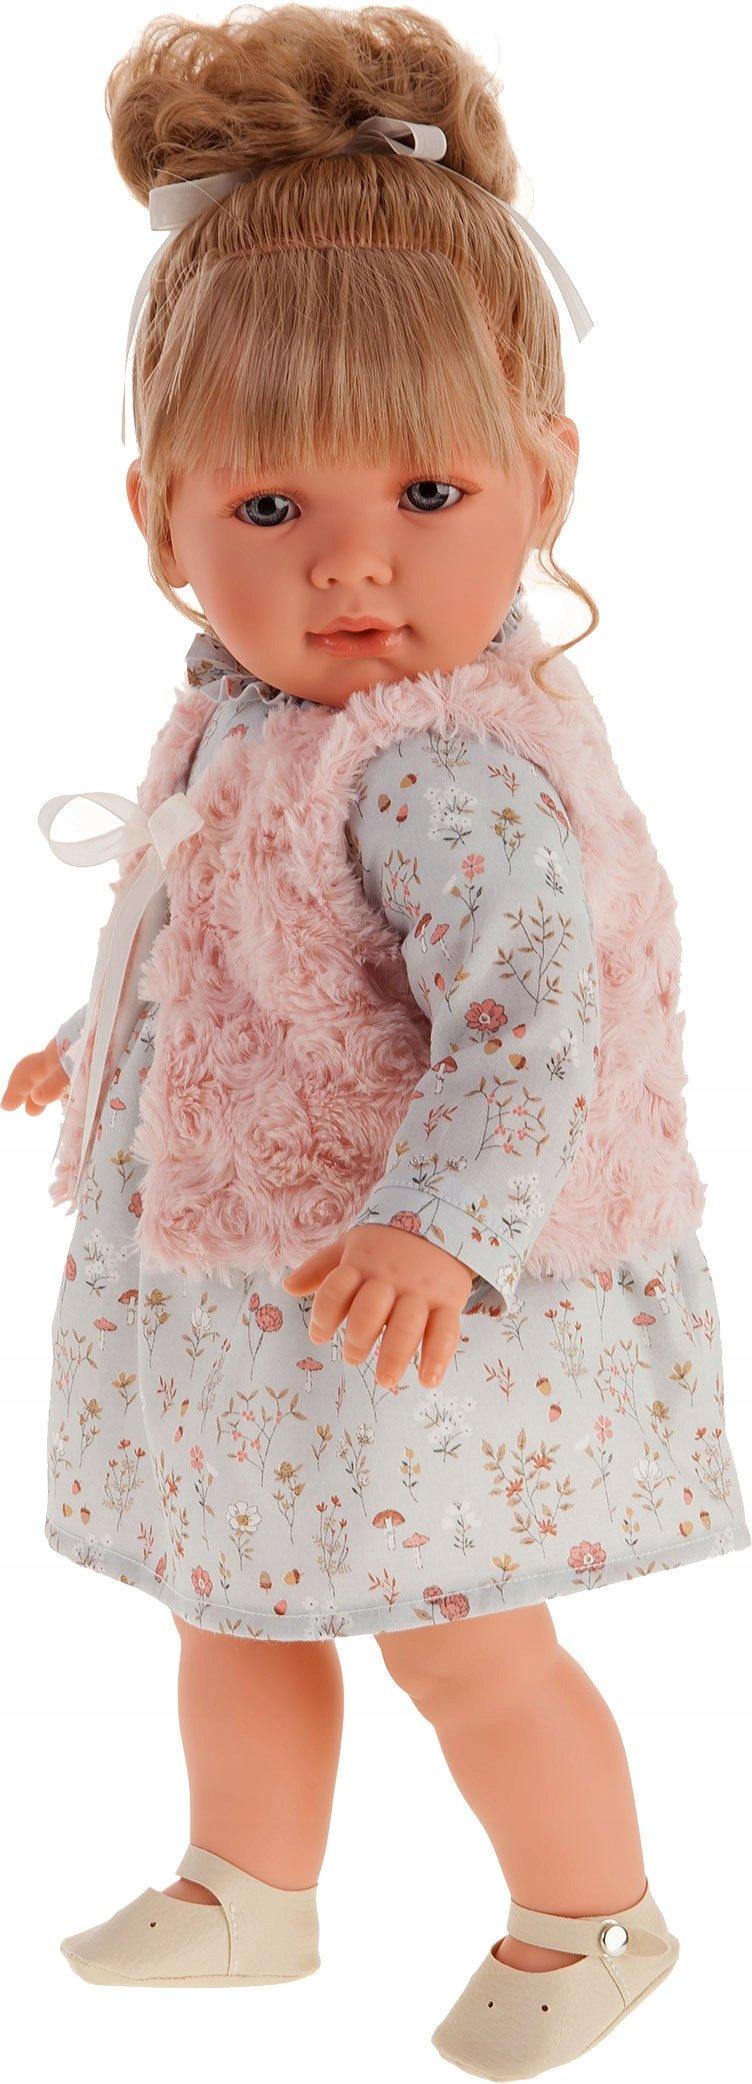 Hiszpańska lalka dziewczynka z włoskami - Antonio Juan - Lula Chaleco - ref. 1831